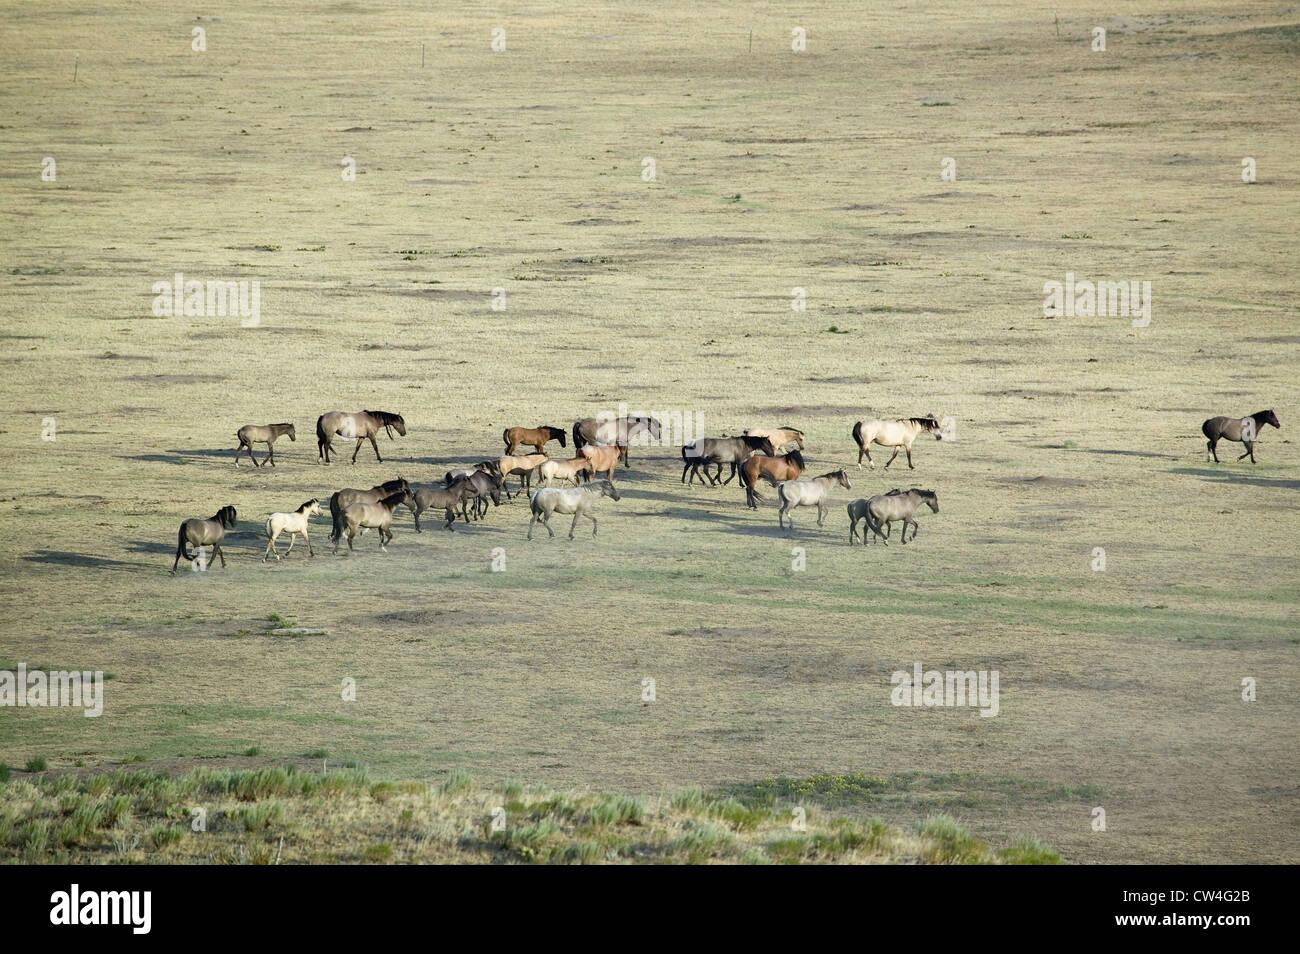 Troupeau de chevaux lointain shot Black Hills Wild Horse Sanctuary accueil à plus grand troupeau de chevaux sauvages Banque D'Images